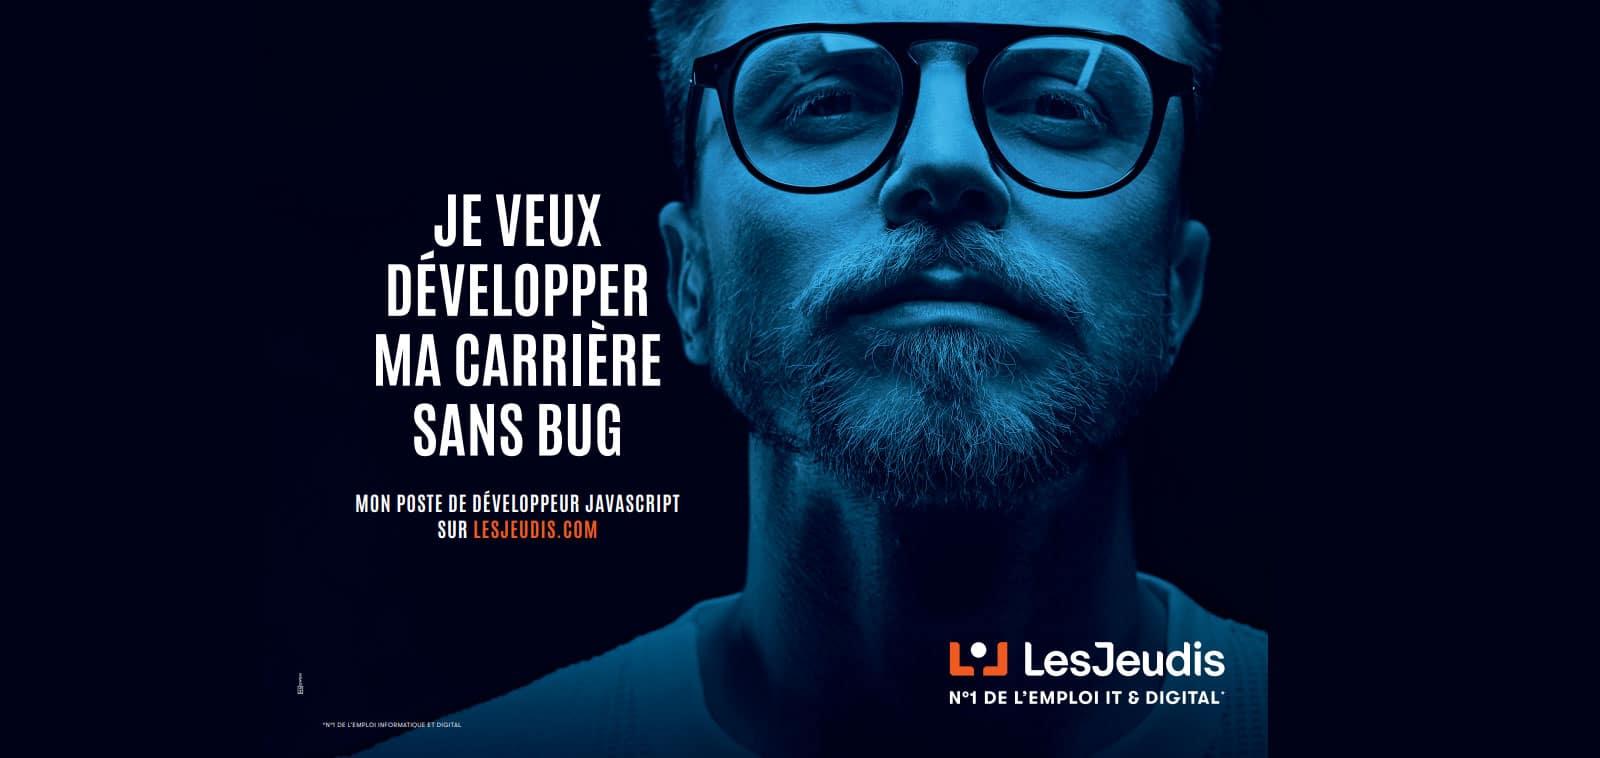 développeur javascript sur banniere pub de LesJeudis qui pense: 'je veux développeur ma carriere informatique sans bugs'